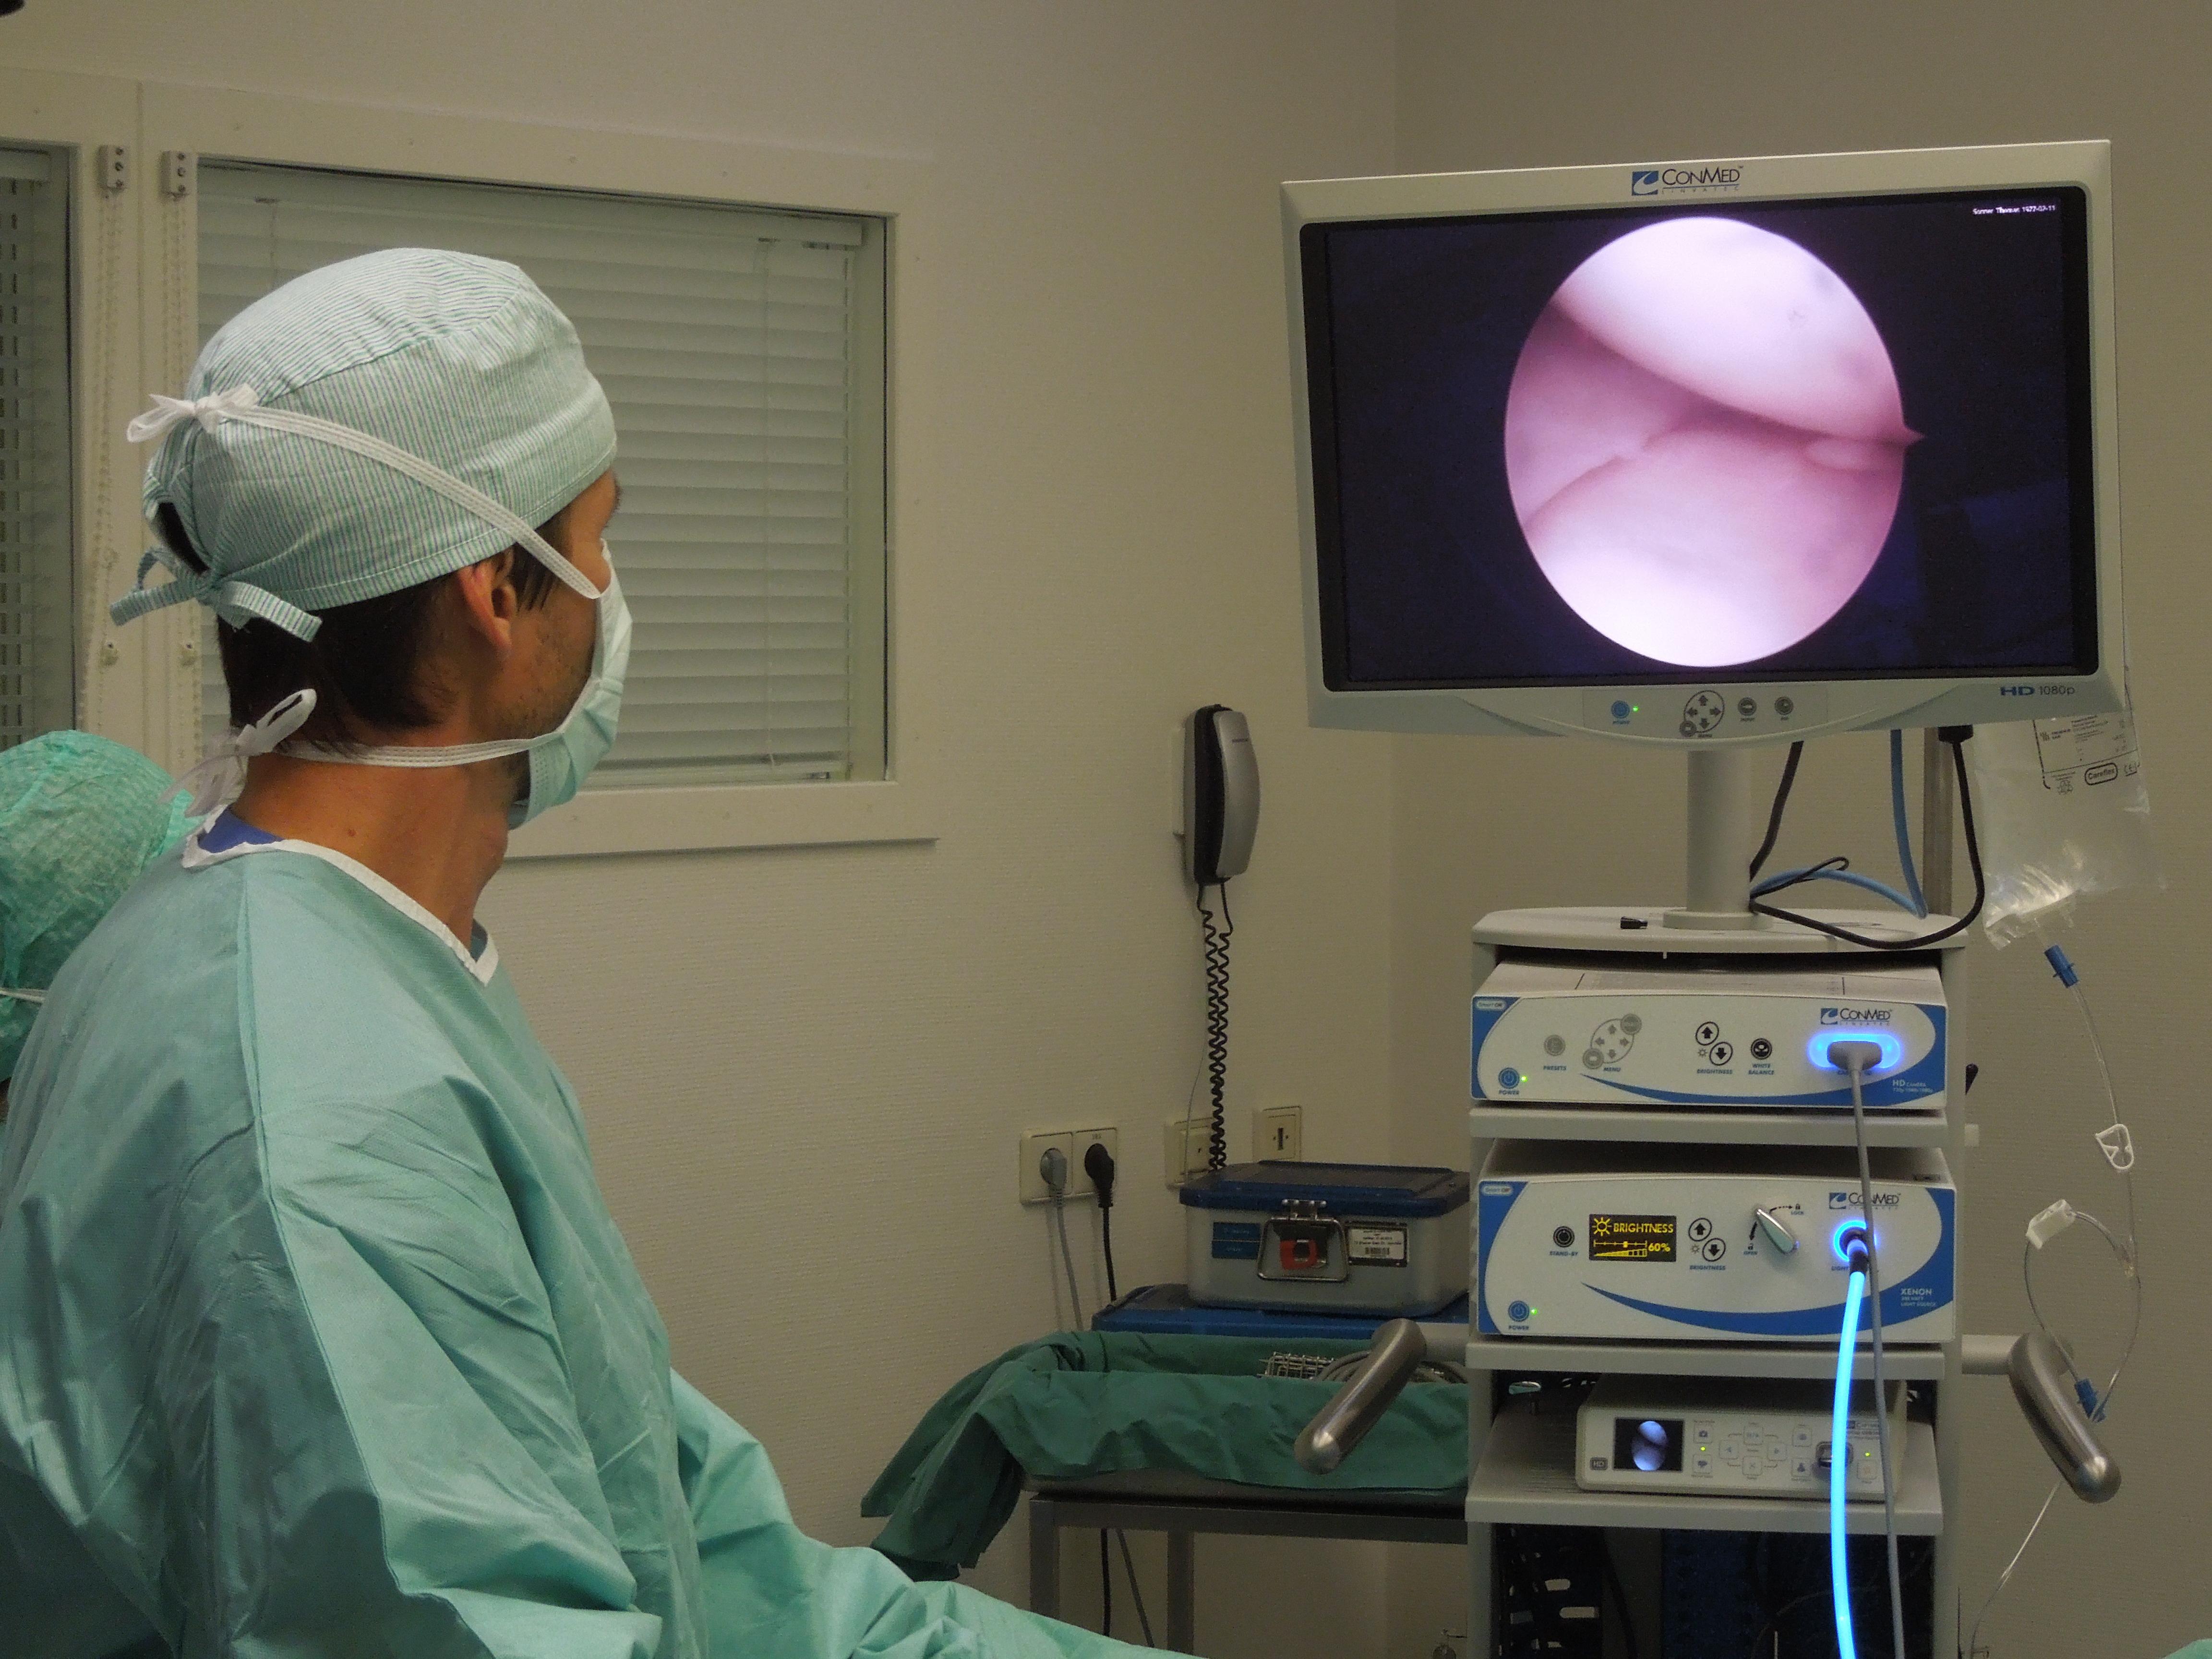 Dr. Schmidt nimmt eine Arthroskopie vor. Der Bildschirm erlaubt einen Einblick in das Kniegelenk des Patienten.